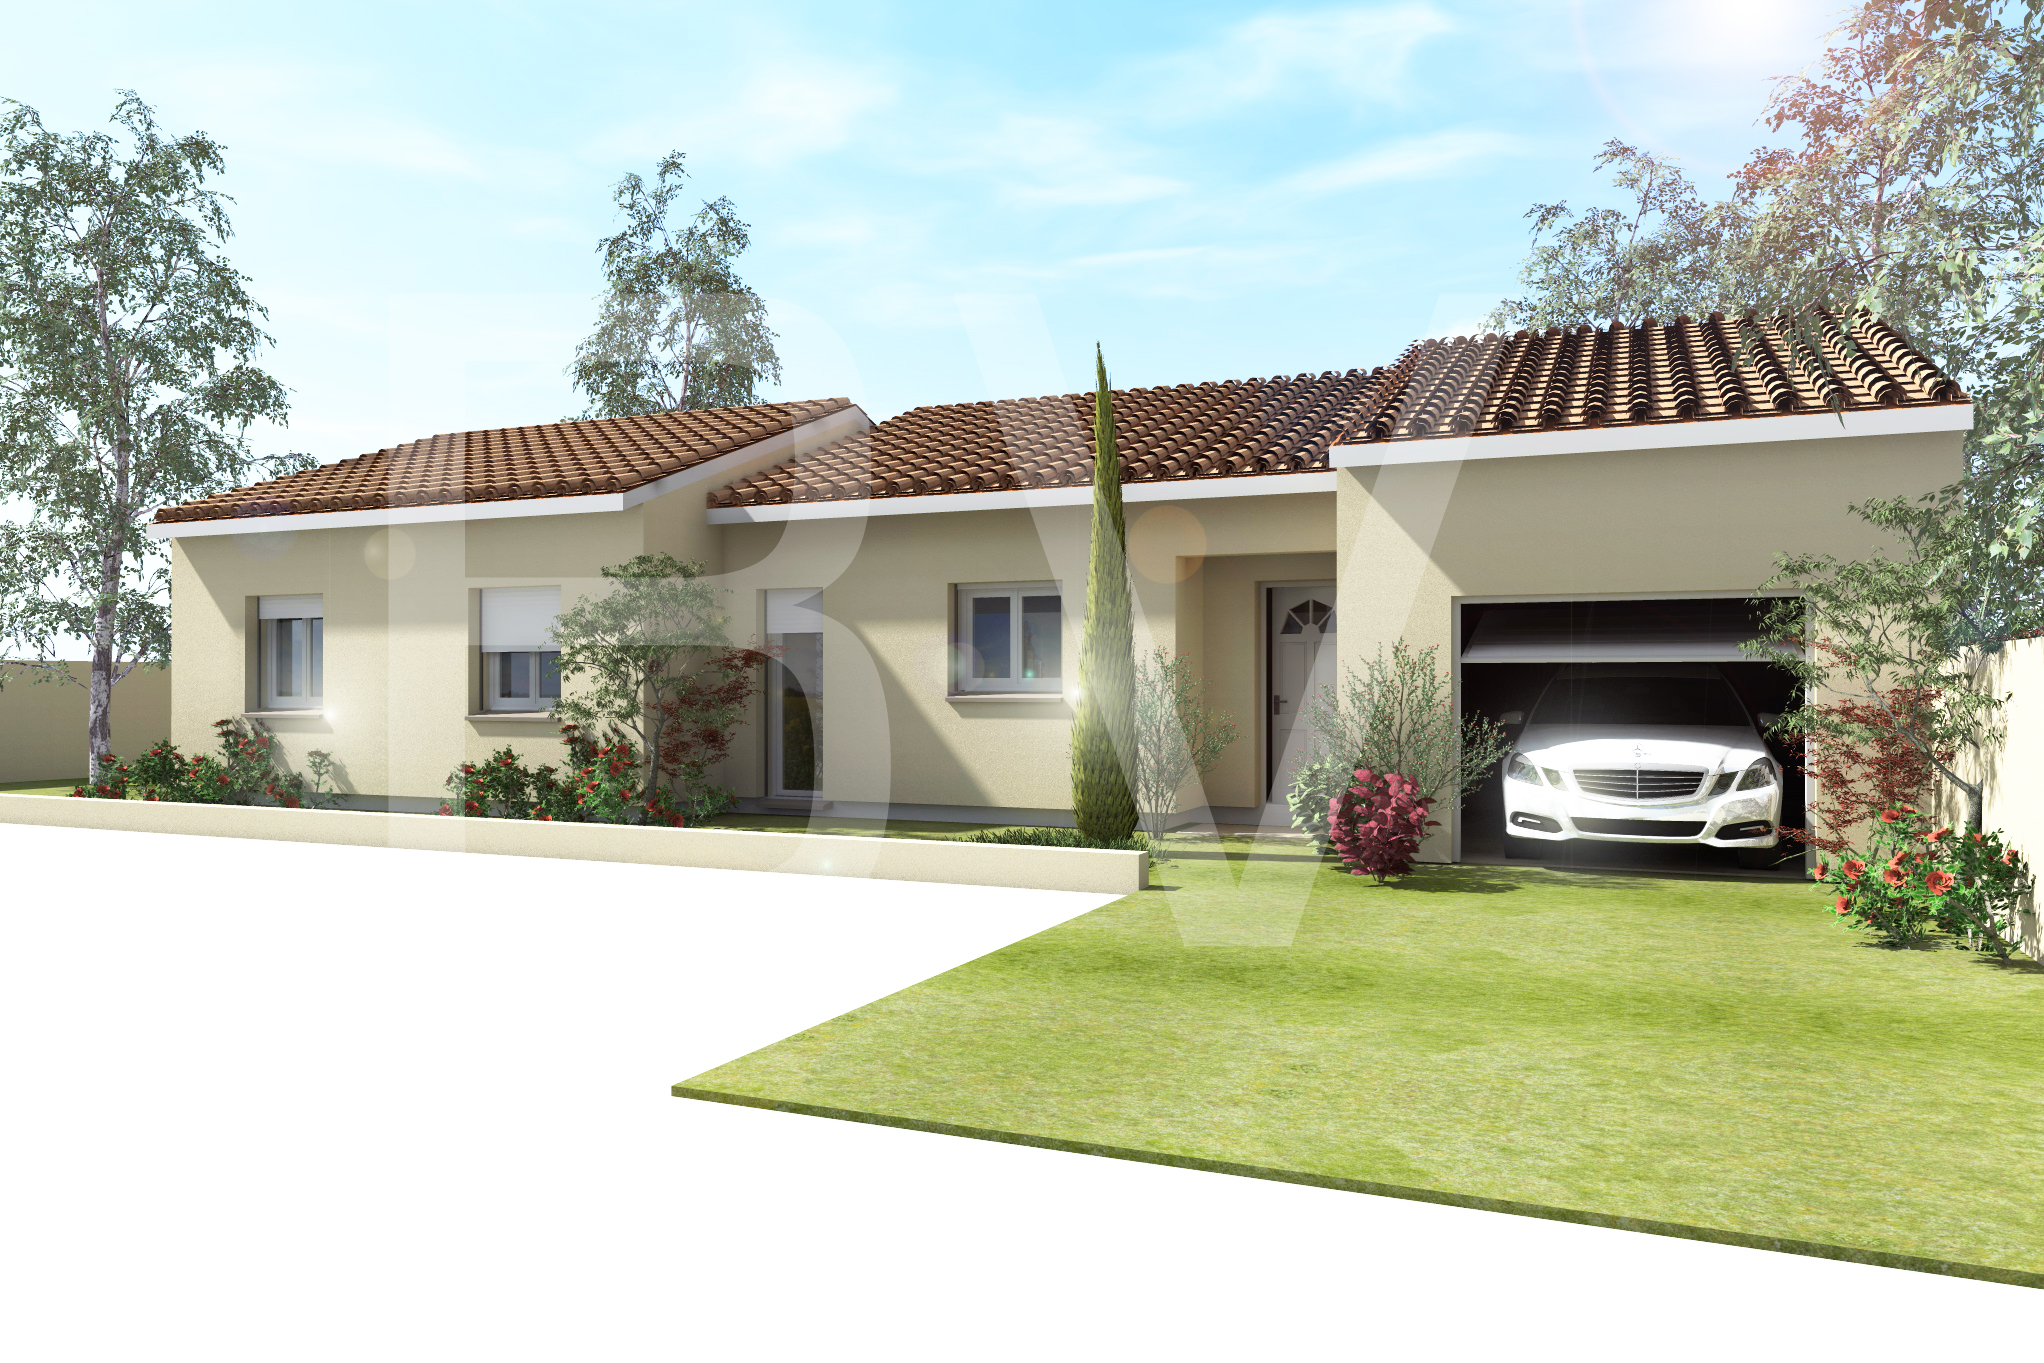 Maisons + Terrains du constructeur BATIVILLA SARL A&K • 90 m² • VEAUNES